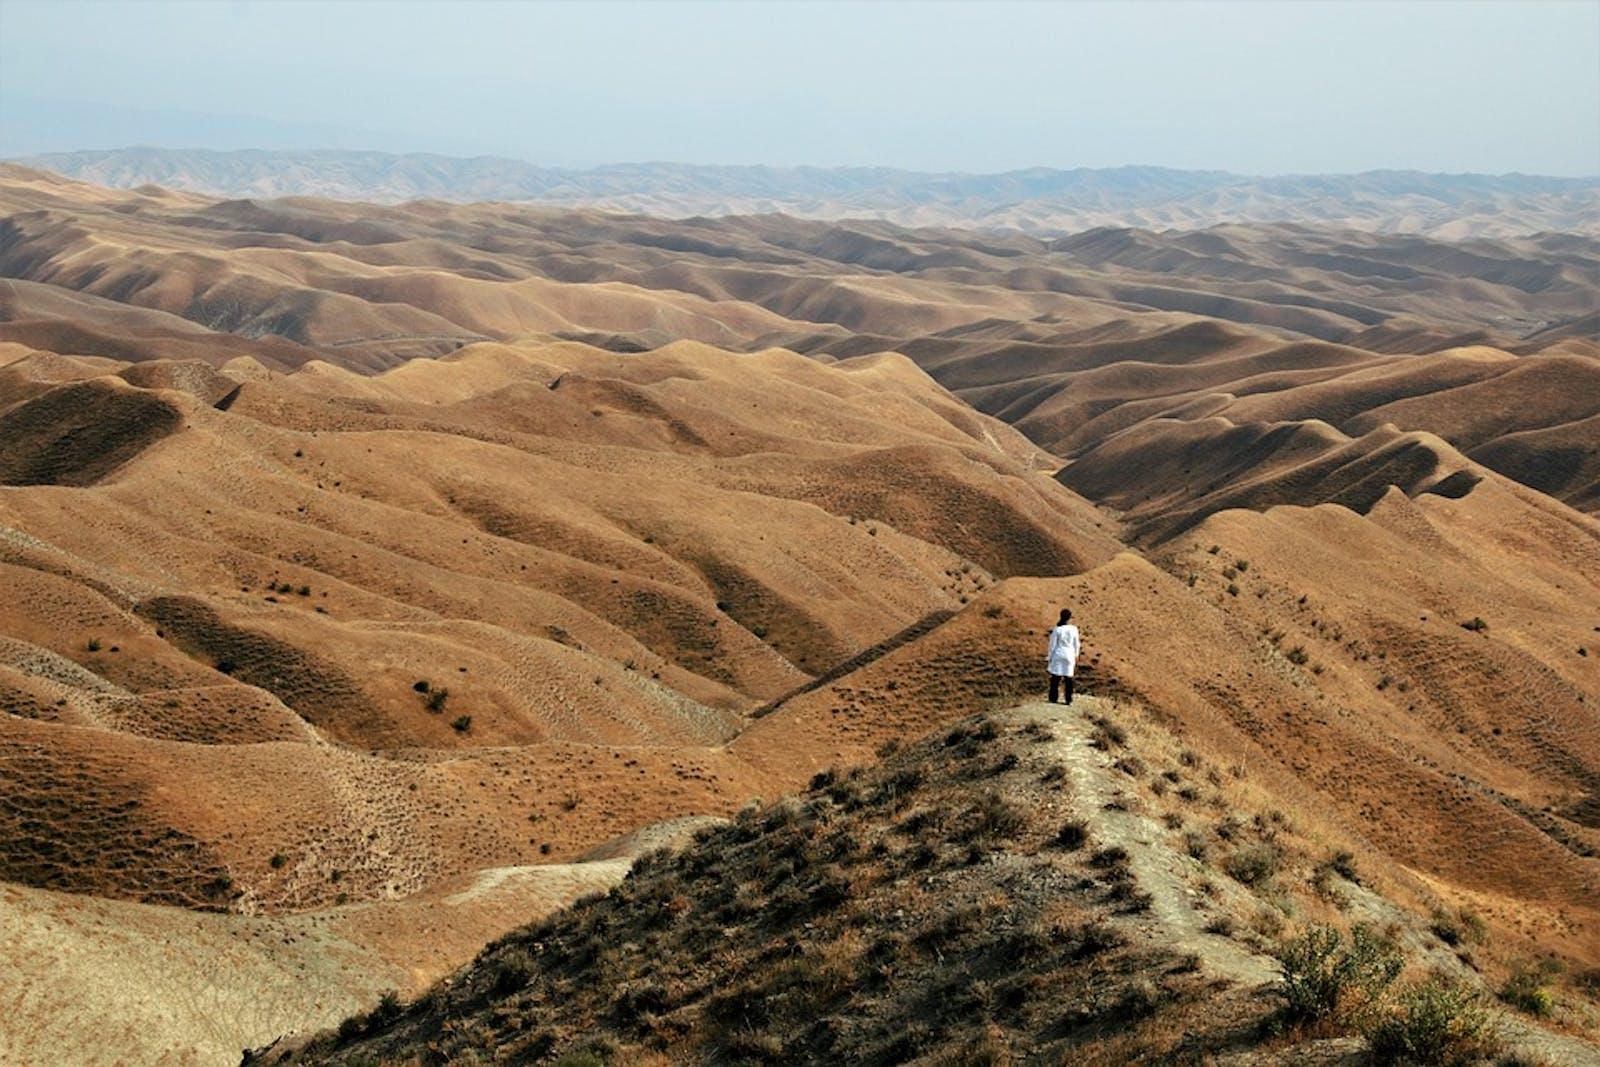 Kopet Dag Semi-Desert